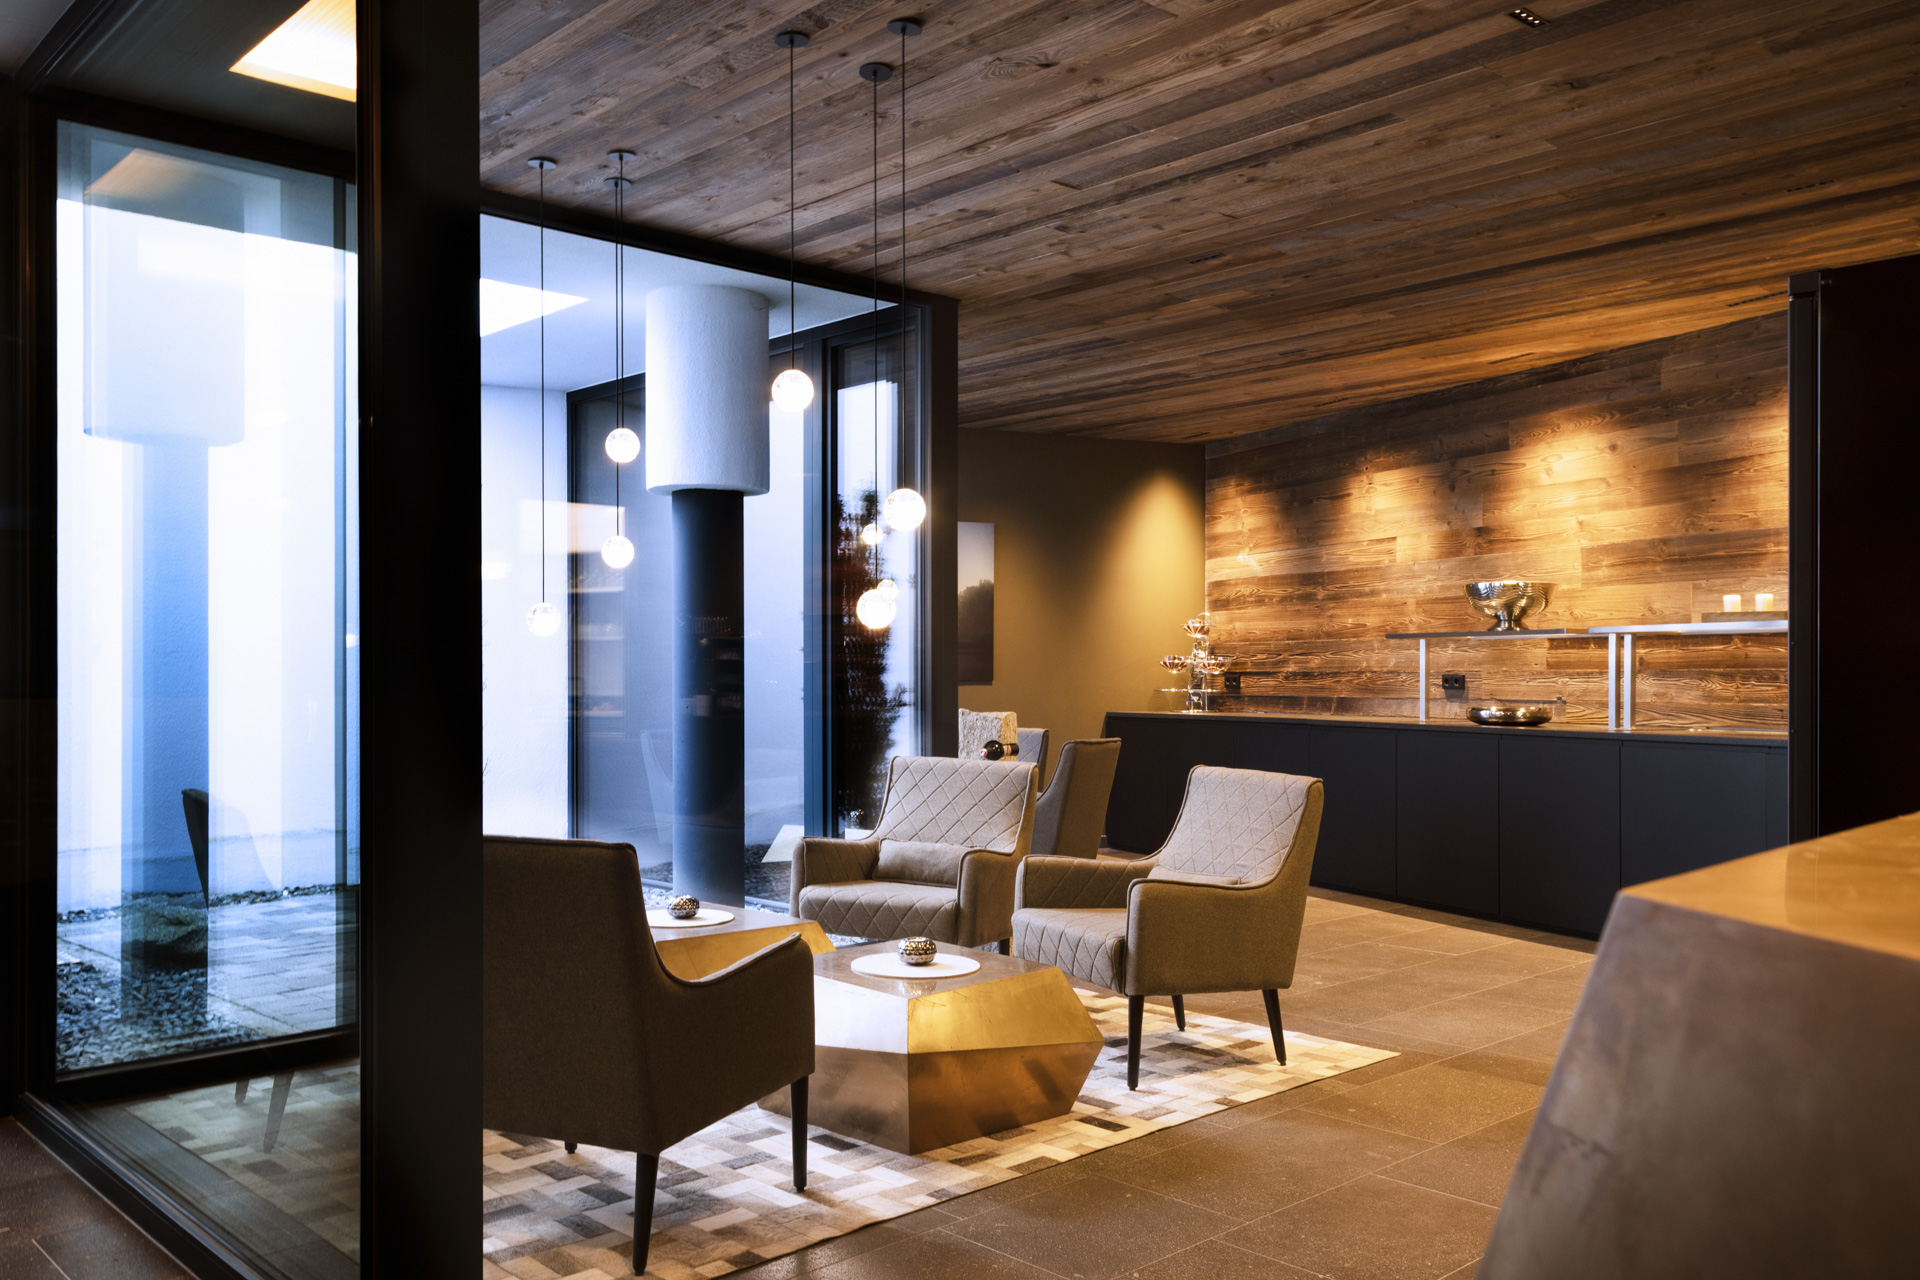 Tischlerei-Decker-Projekte-Mountain-Chalet-Kirchberg-Sitzecke-Lounge